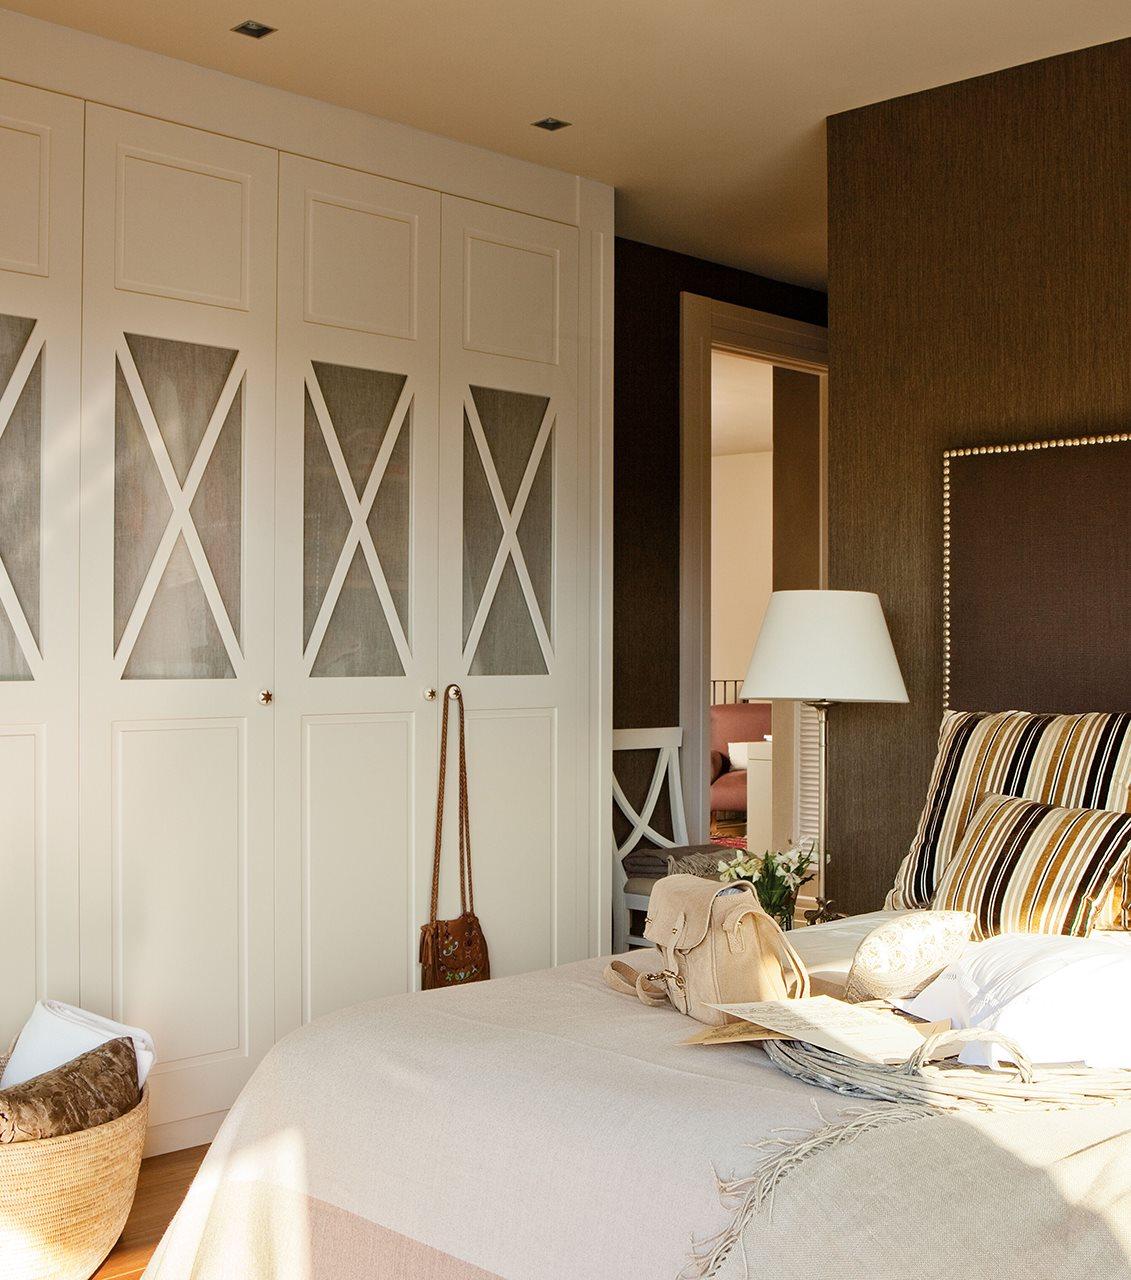 Dormitorios Con Armarios Empotrados Elegant Dormitorios